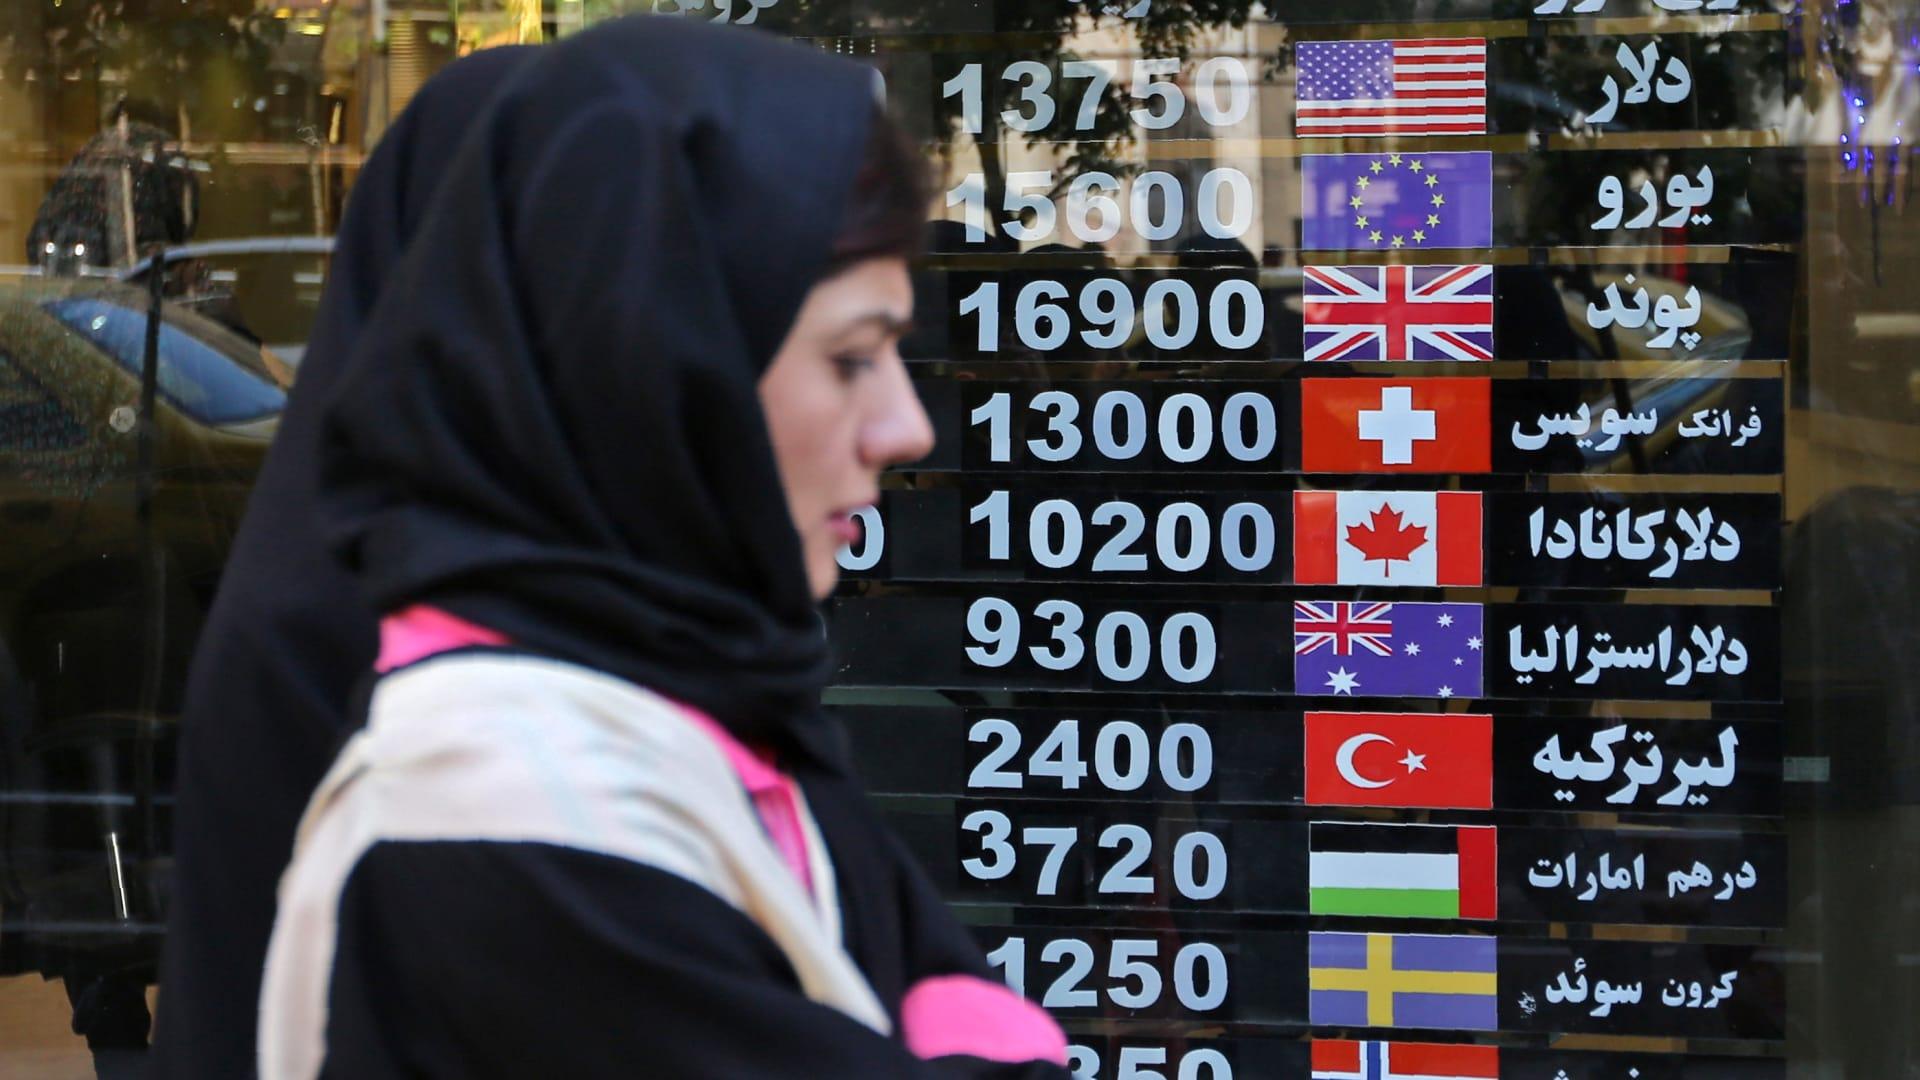 البنك المركزي بإيران ردا على ترامب: نحن بمرحلة التجارة الخارجية غير القابلة للحظر